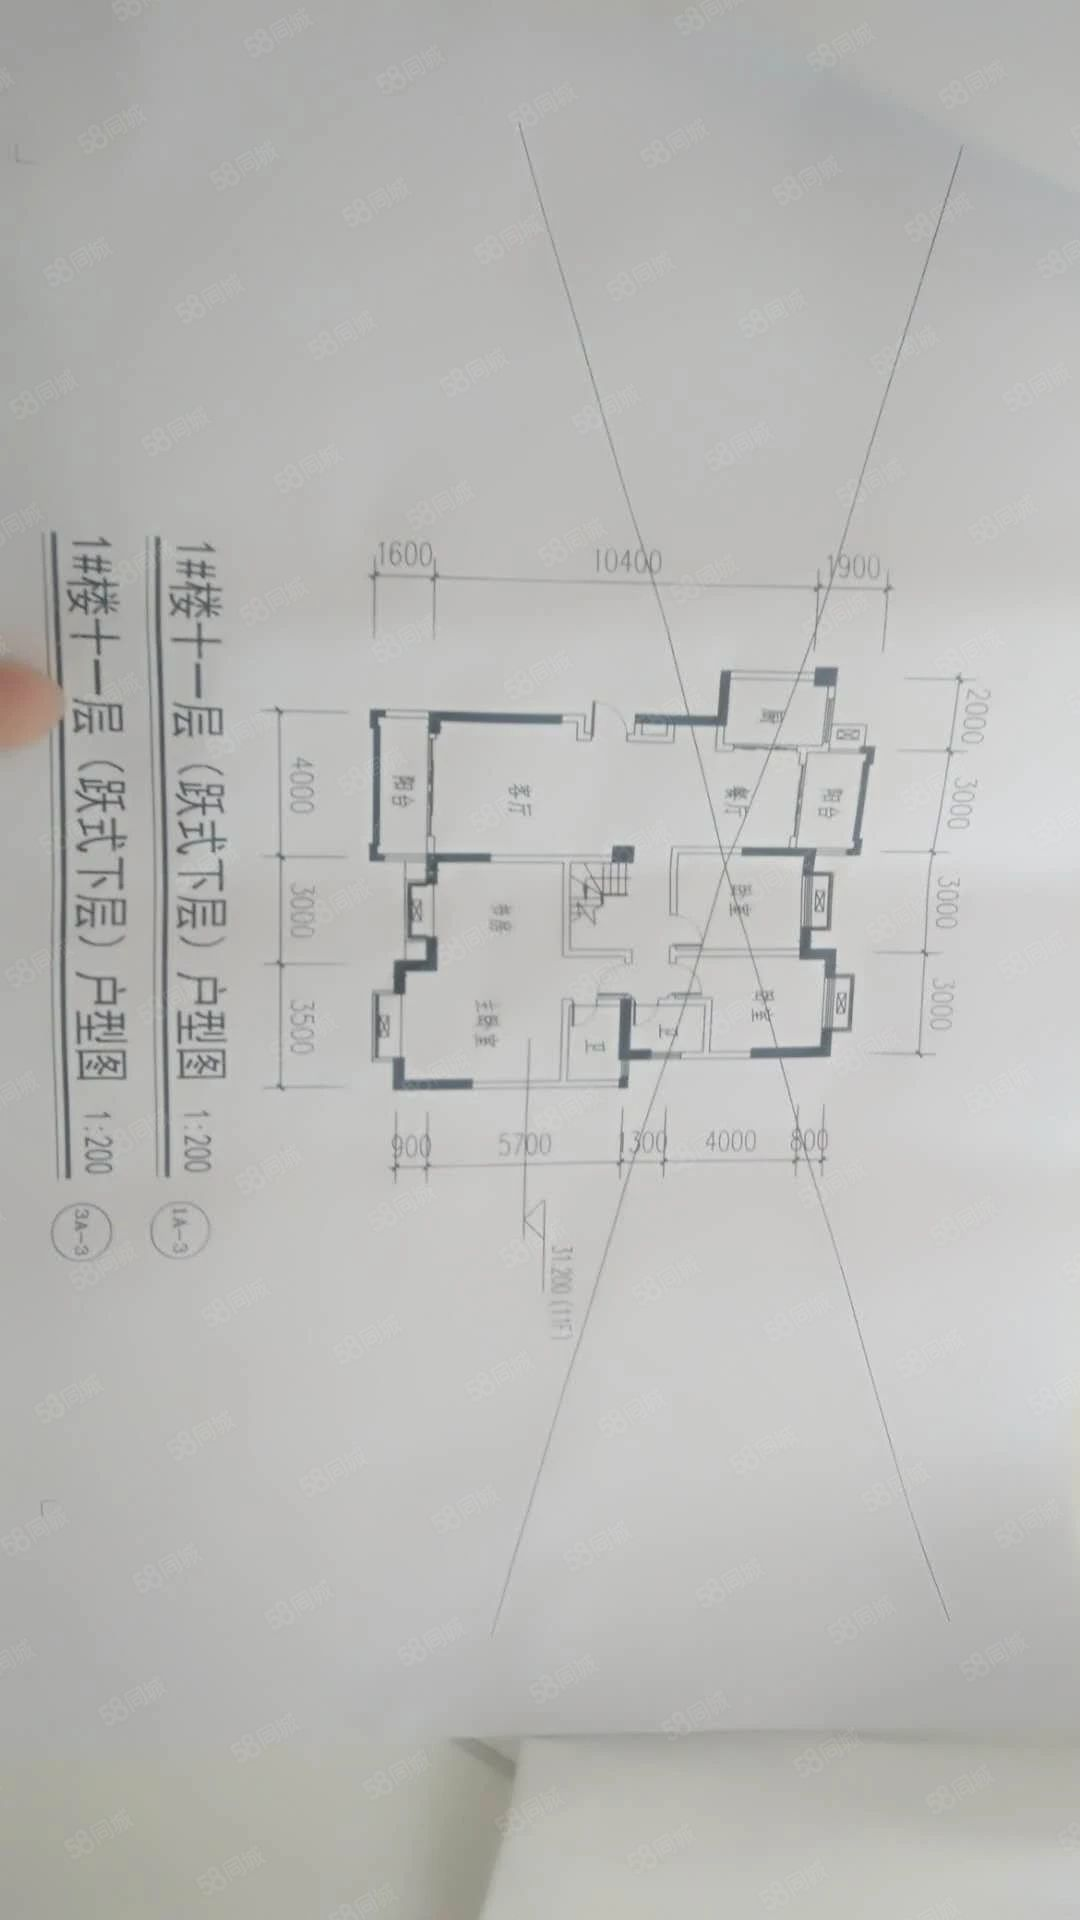 嘉宁花园11跃12复式楼出售